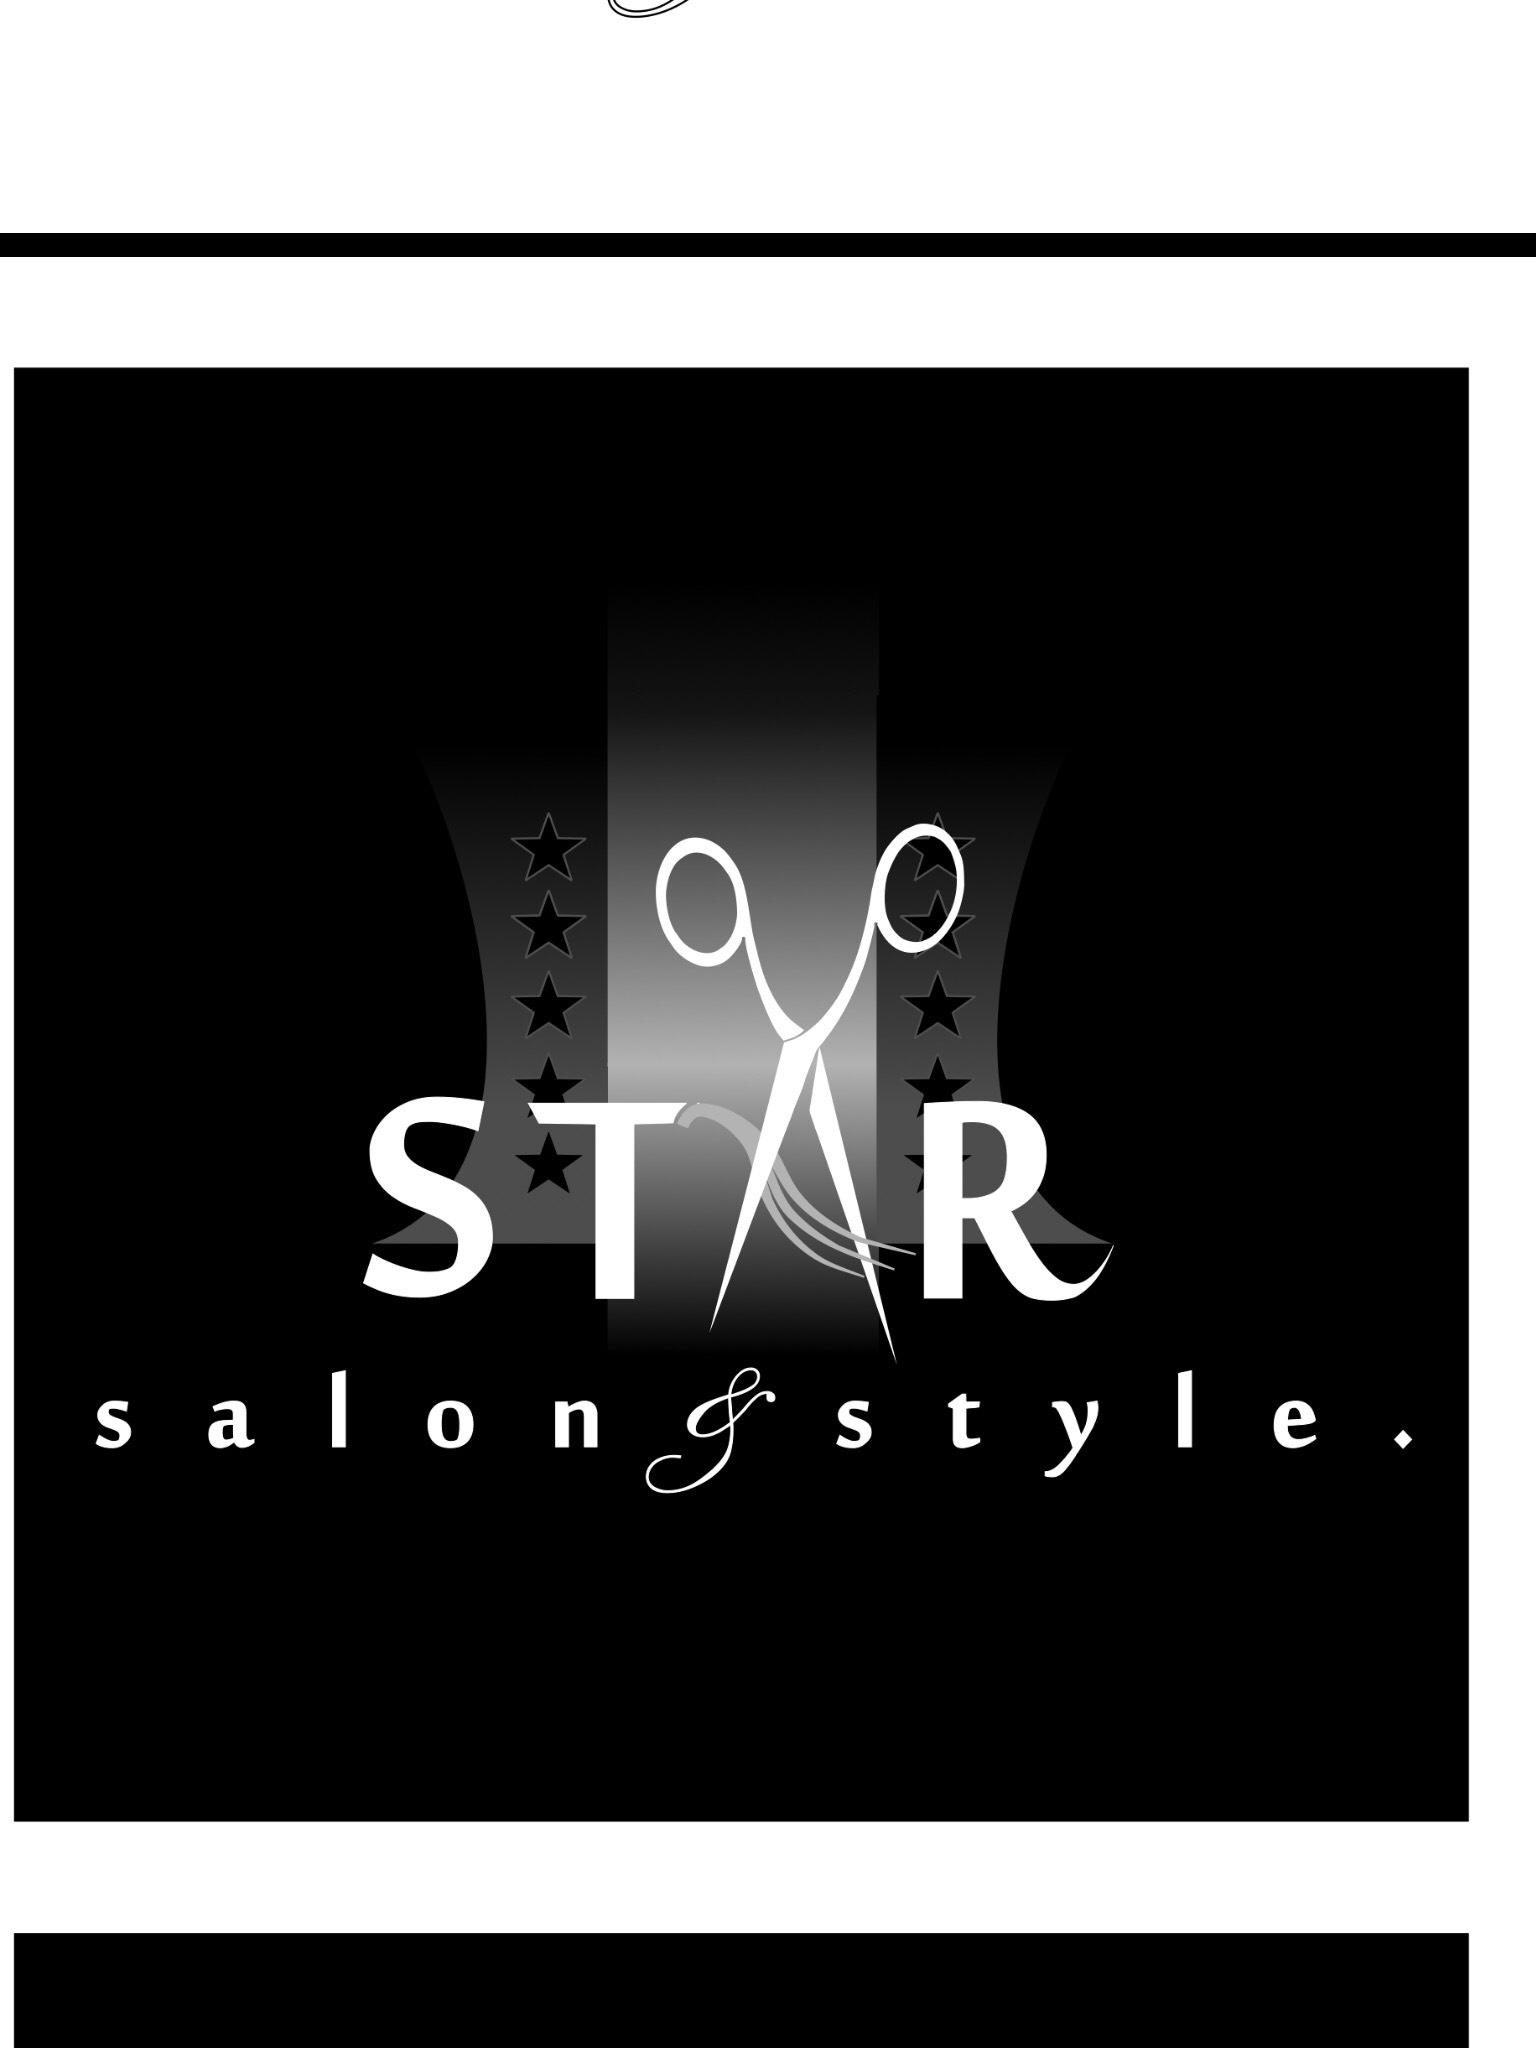 Star Salon.JPG